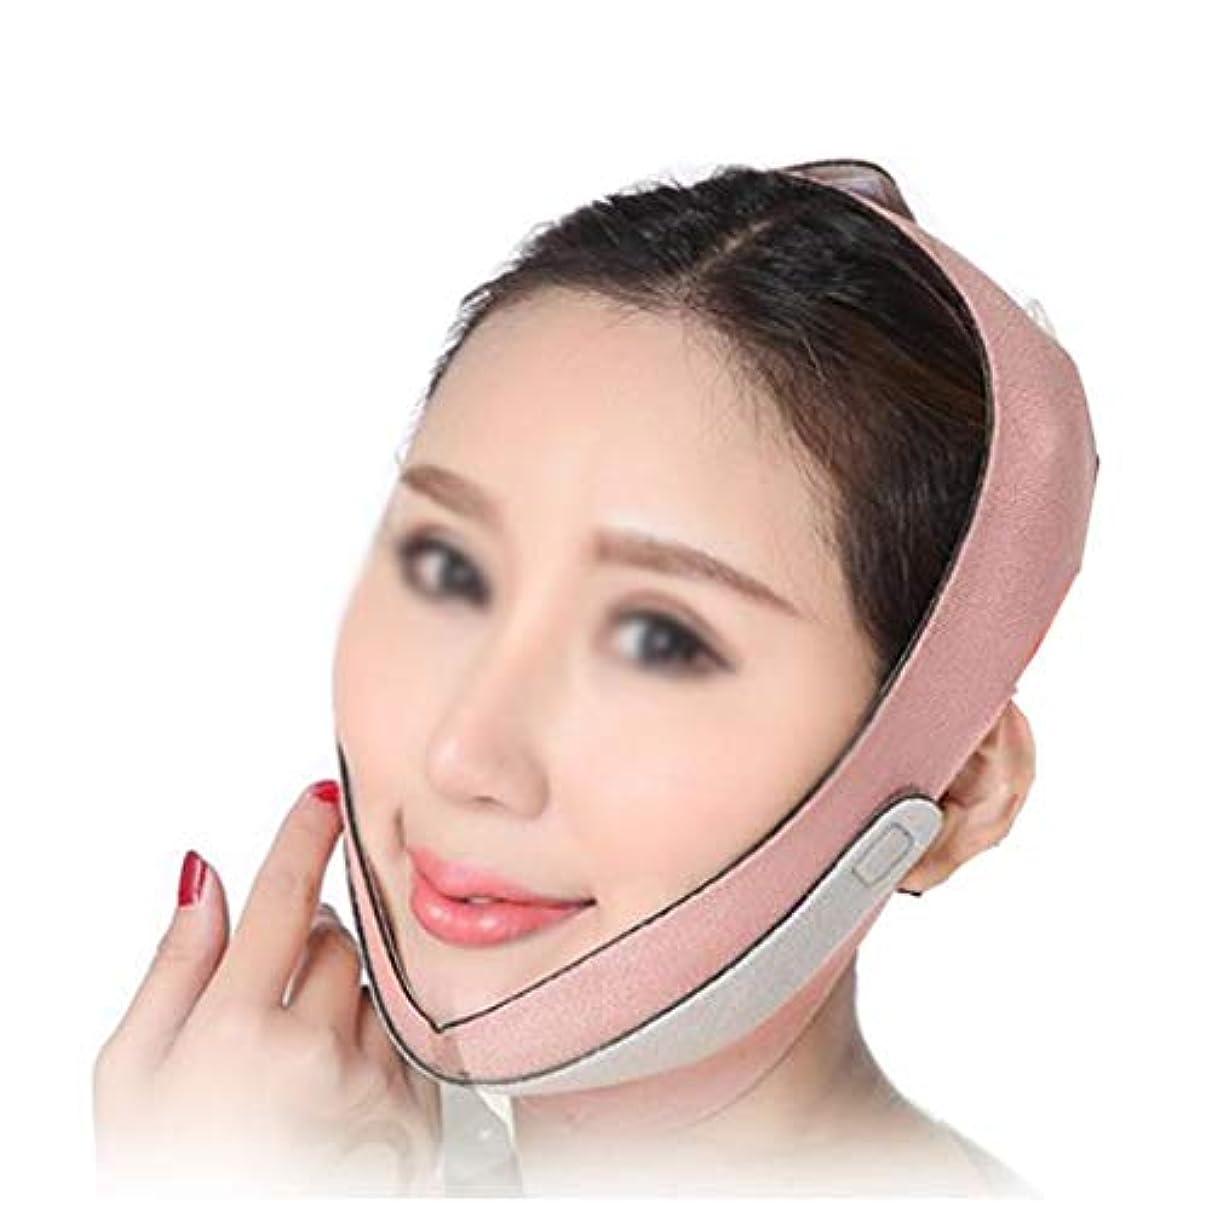 ネストプレート人柄ZWBD フェイスマスク, フェイスリフティングマスクフェイスリフティングツールを備えたVフェイスの薄い顔3Dフェイスリフティングフェイスリフティング包帯フェイスリフティングデバイスフェイスリフティングマシン